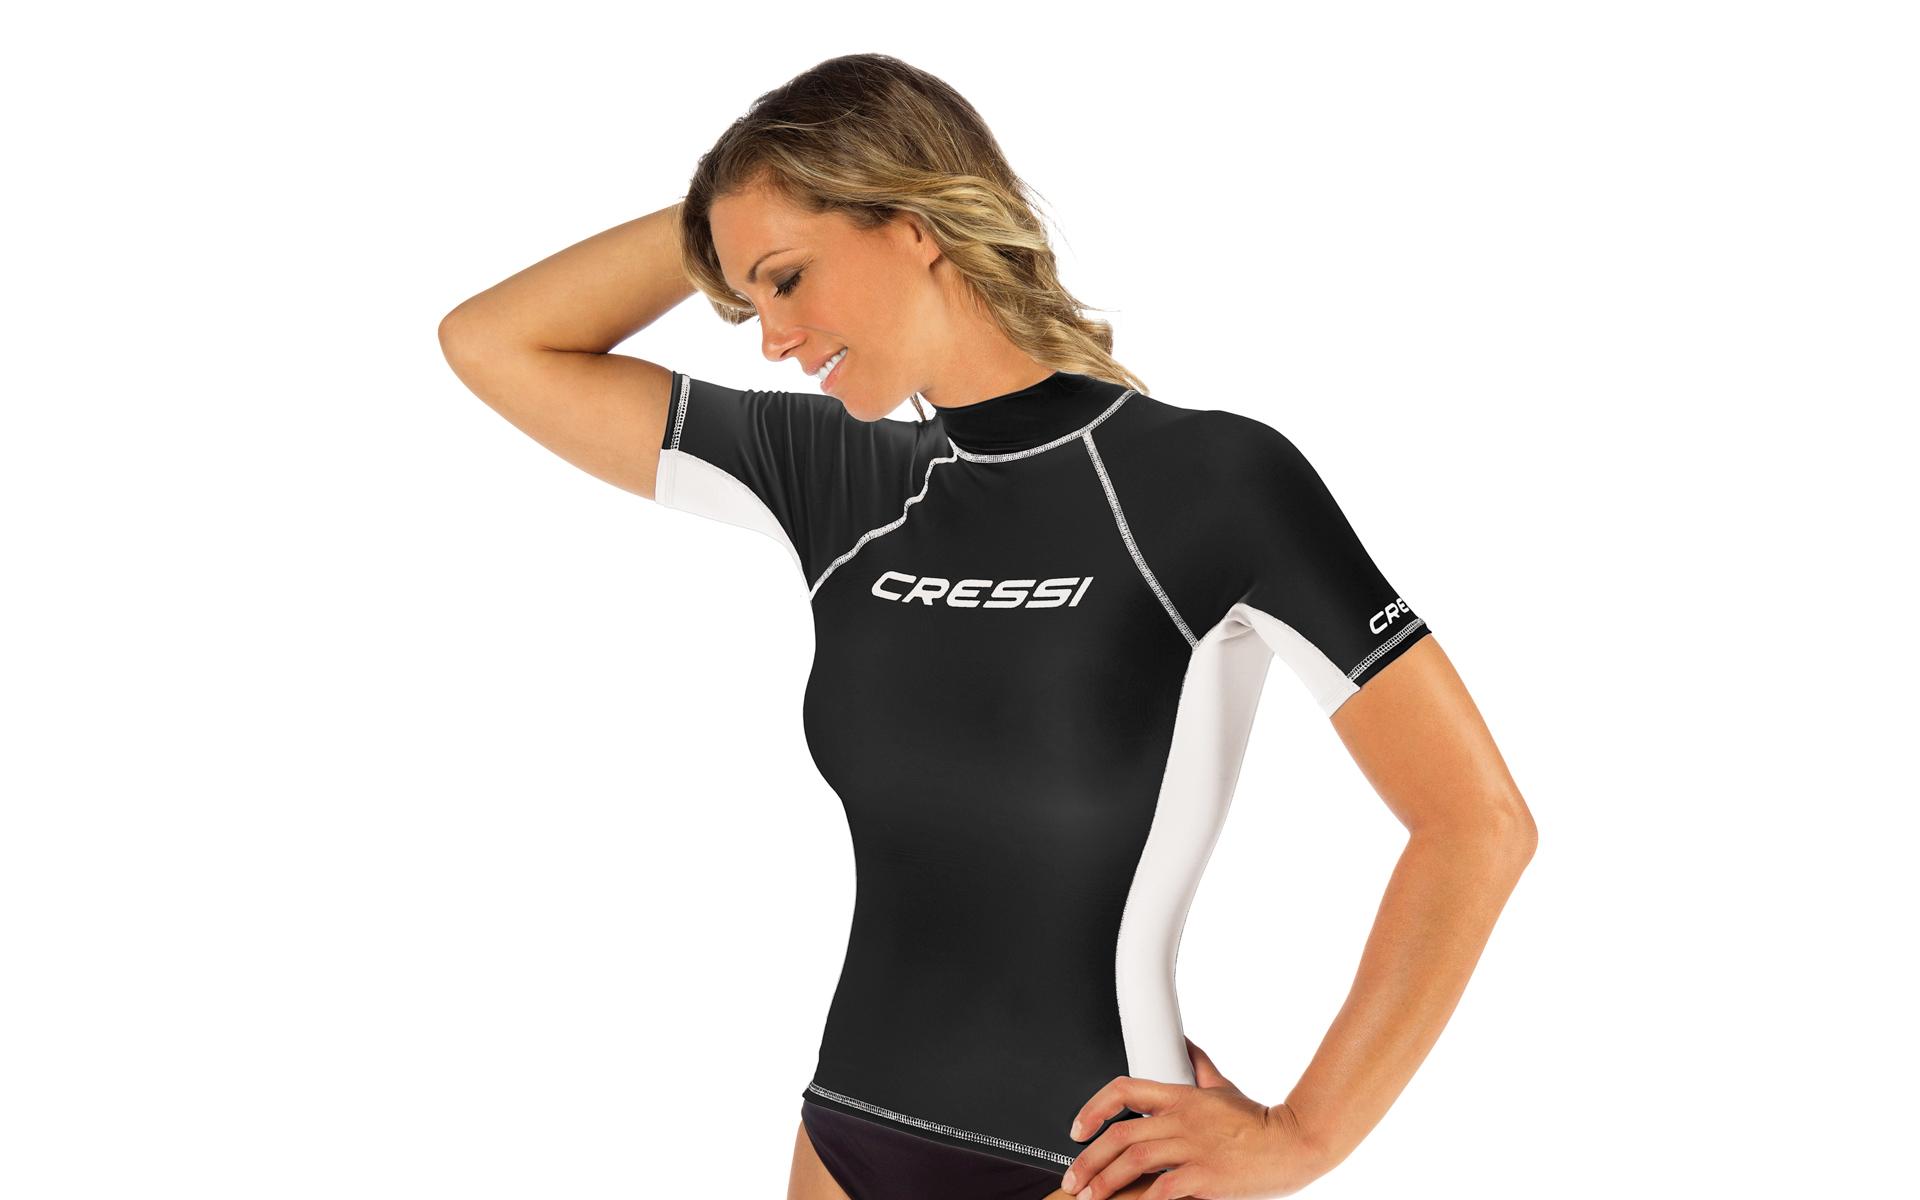 Cressi Wasser T-Shirt Damen Rash Guard schwarz - Preisvergleich